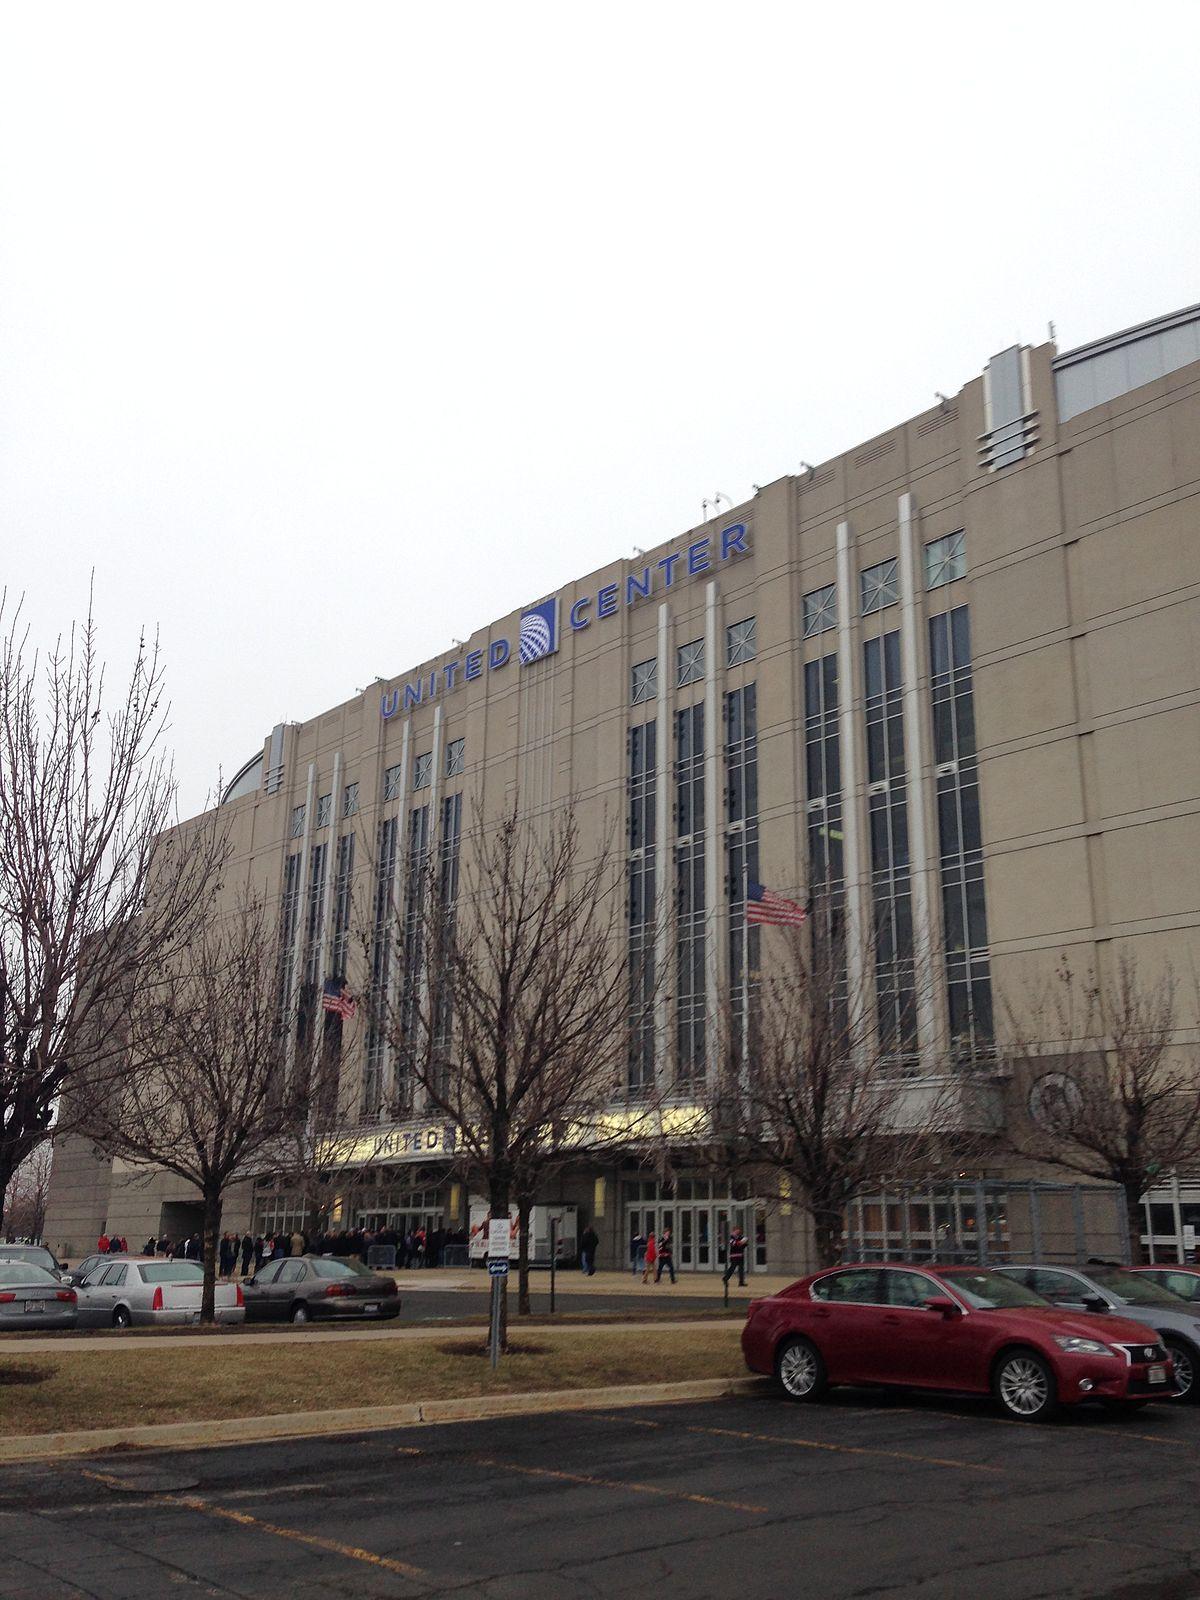 United Center Wikipedia